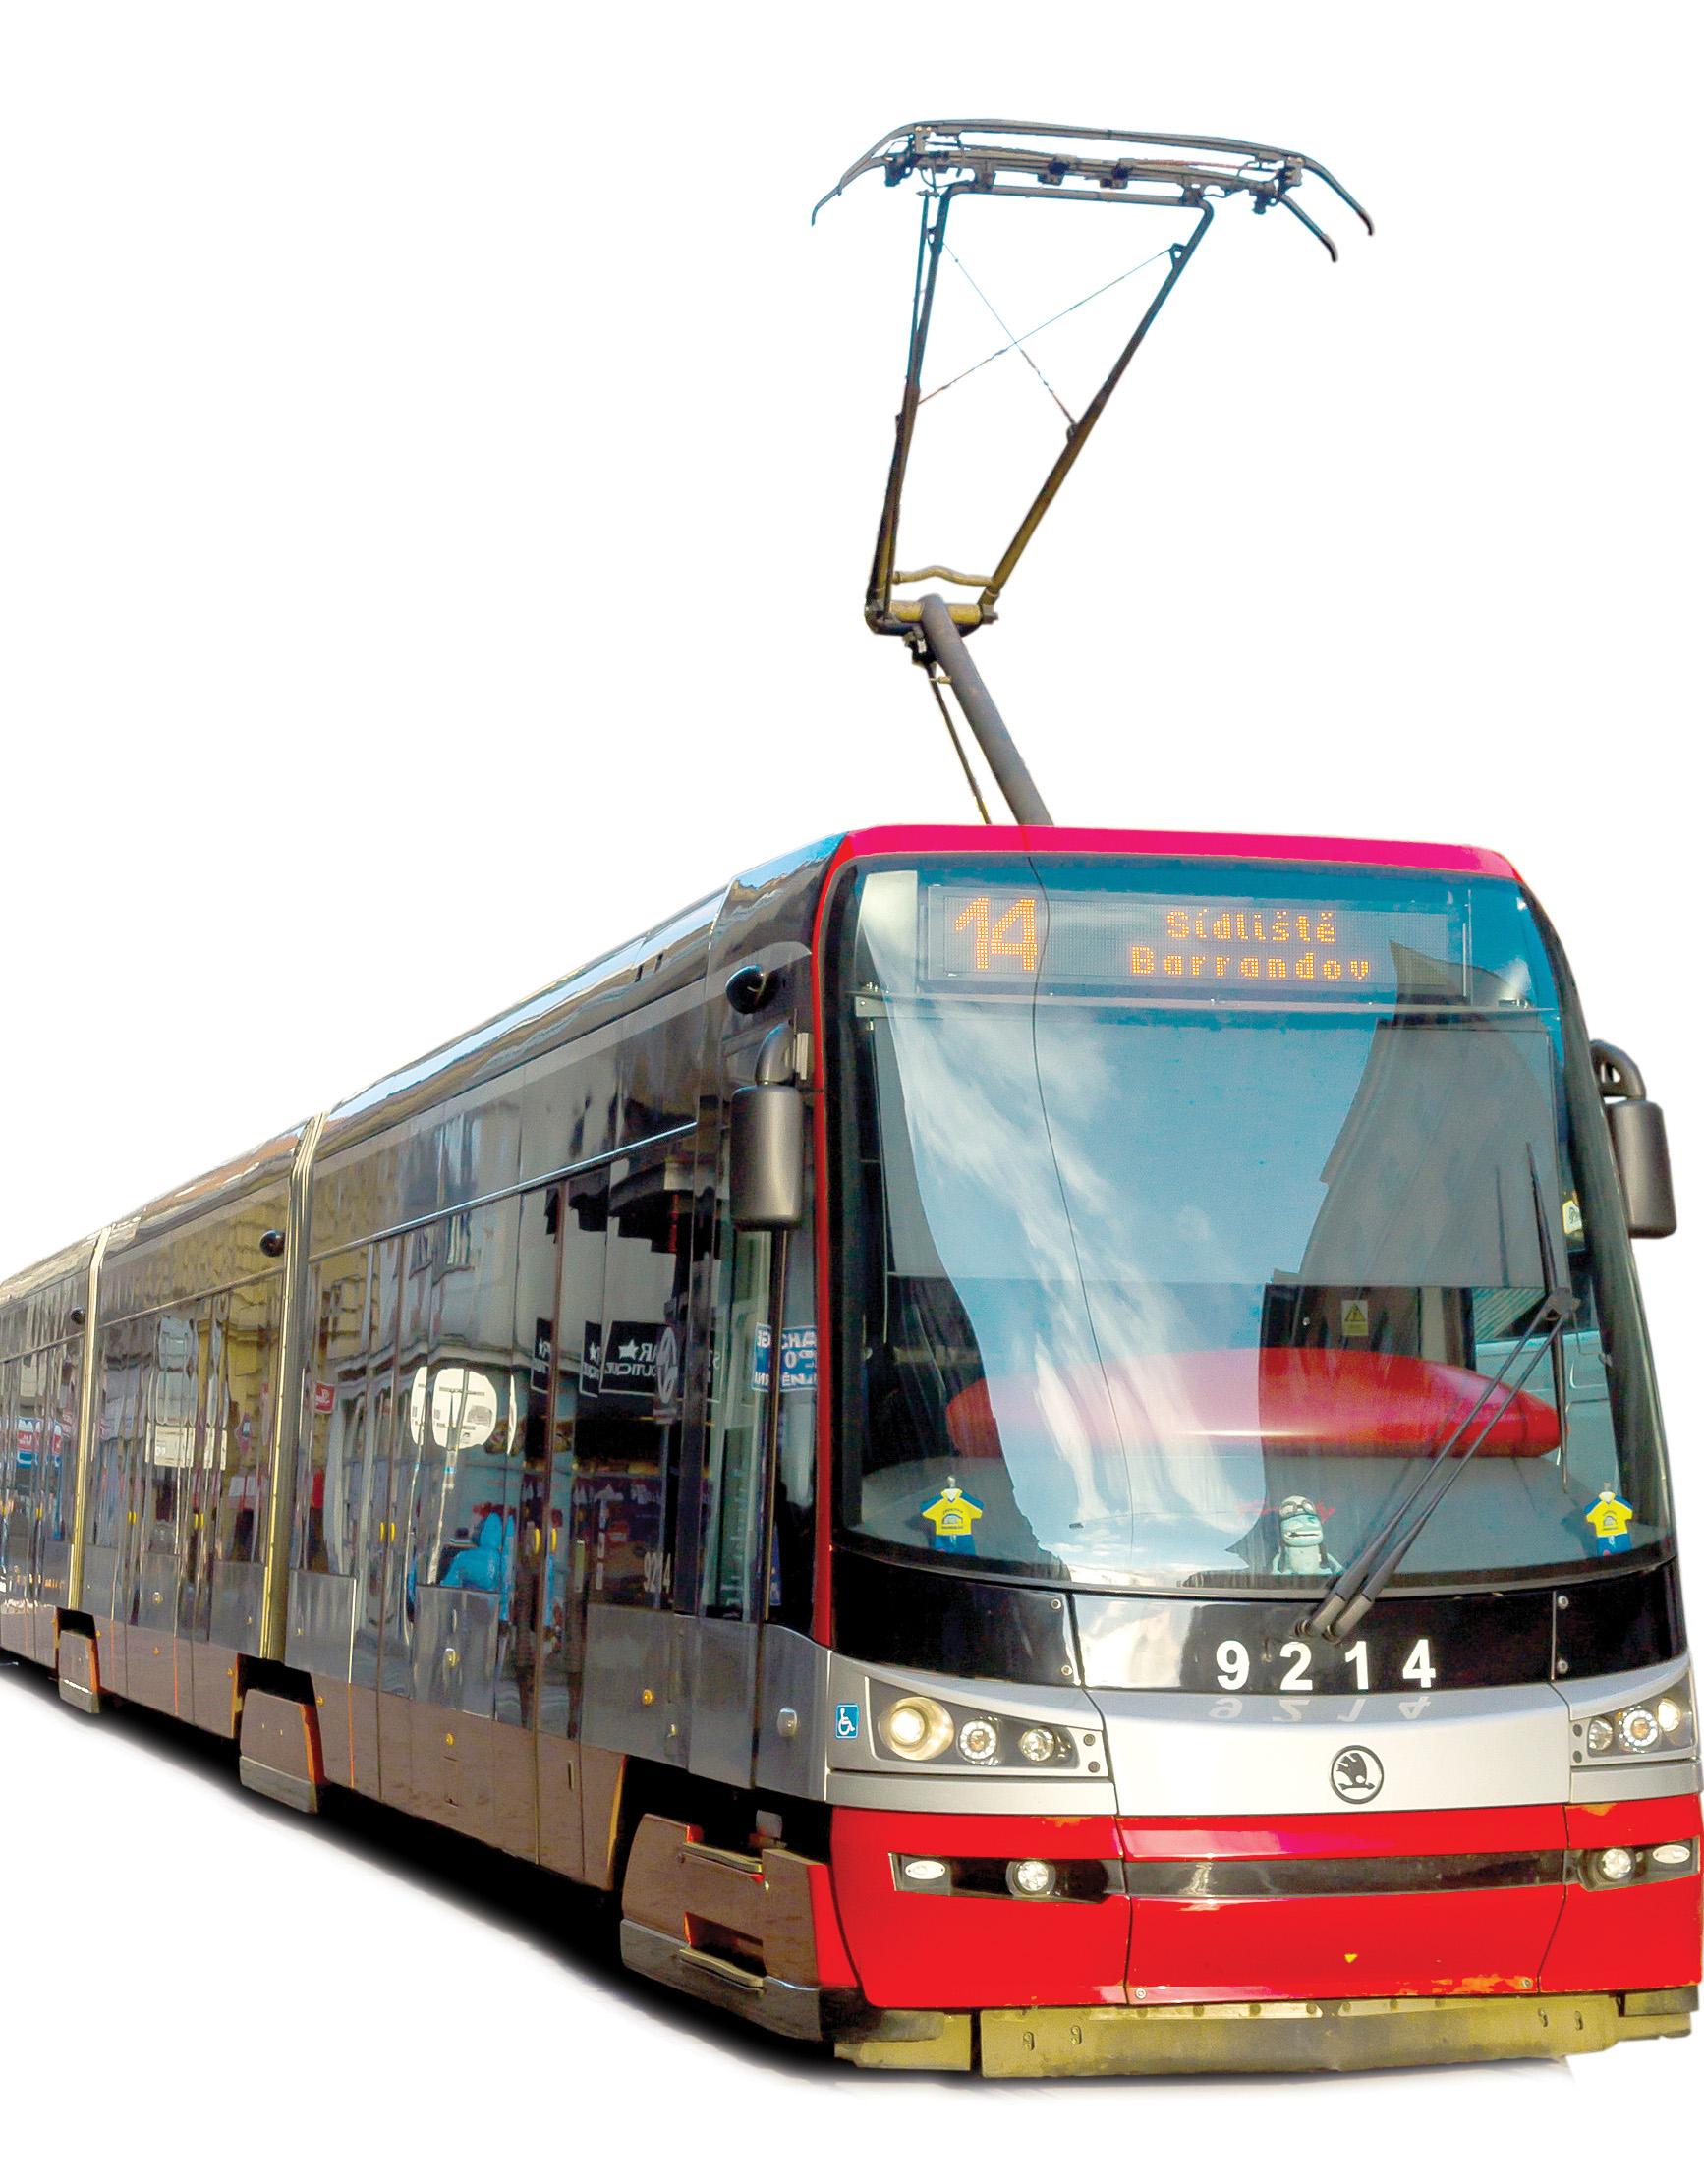 tramvaje-na-barrandov-ceka-od-14-brezna-2020-vyluka